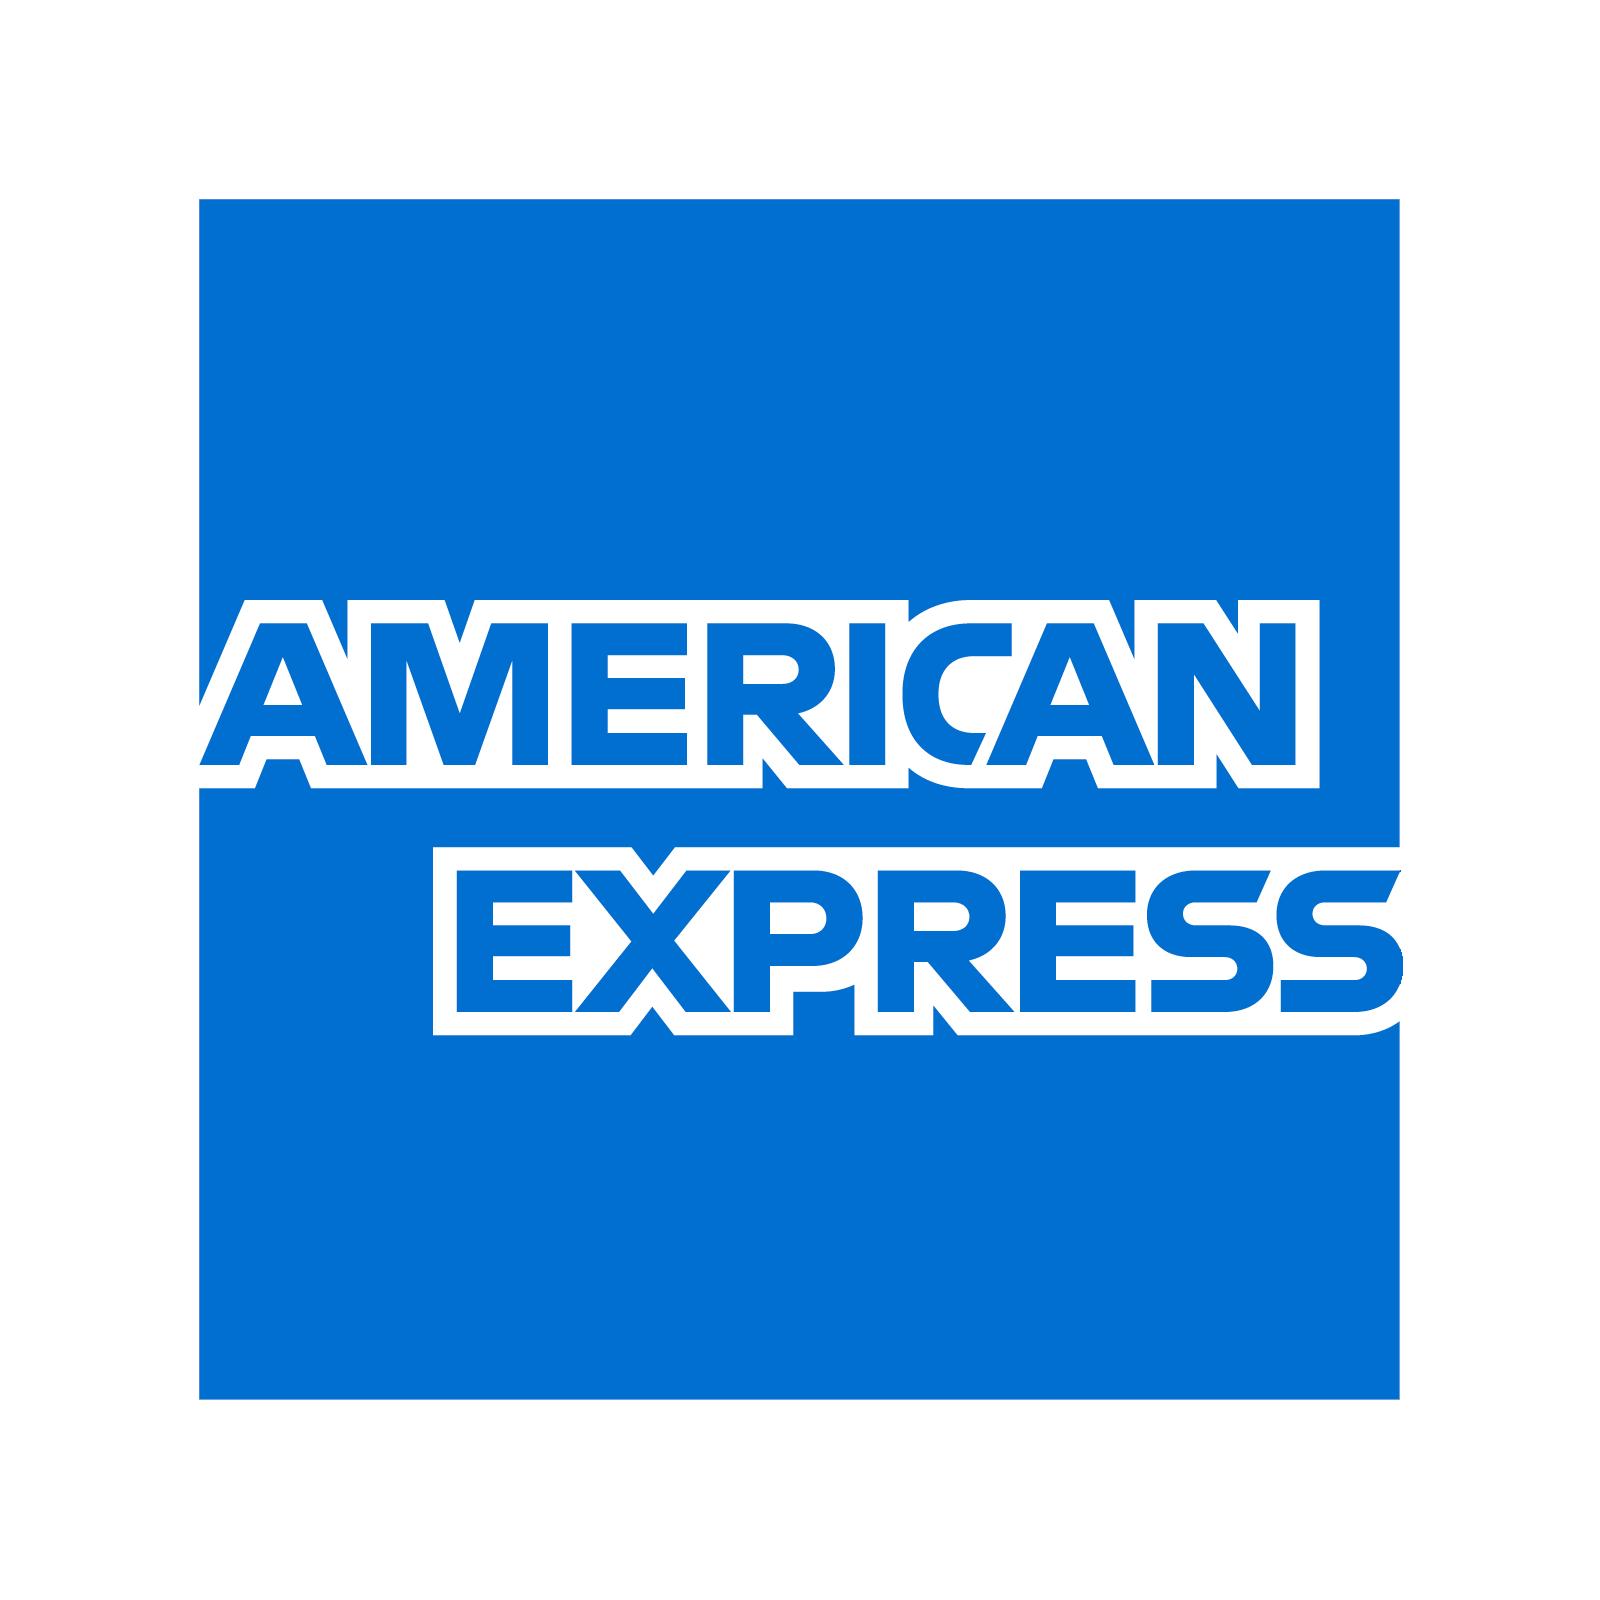 American Express - Unterzeichner_in der Charta der Vielfalt